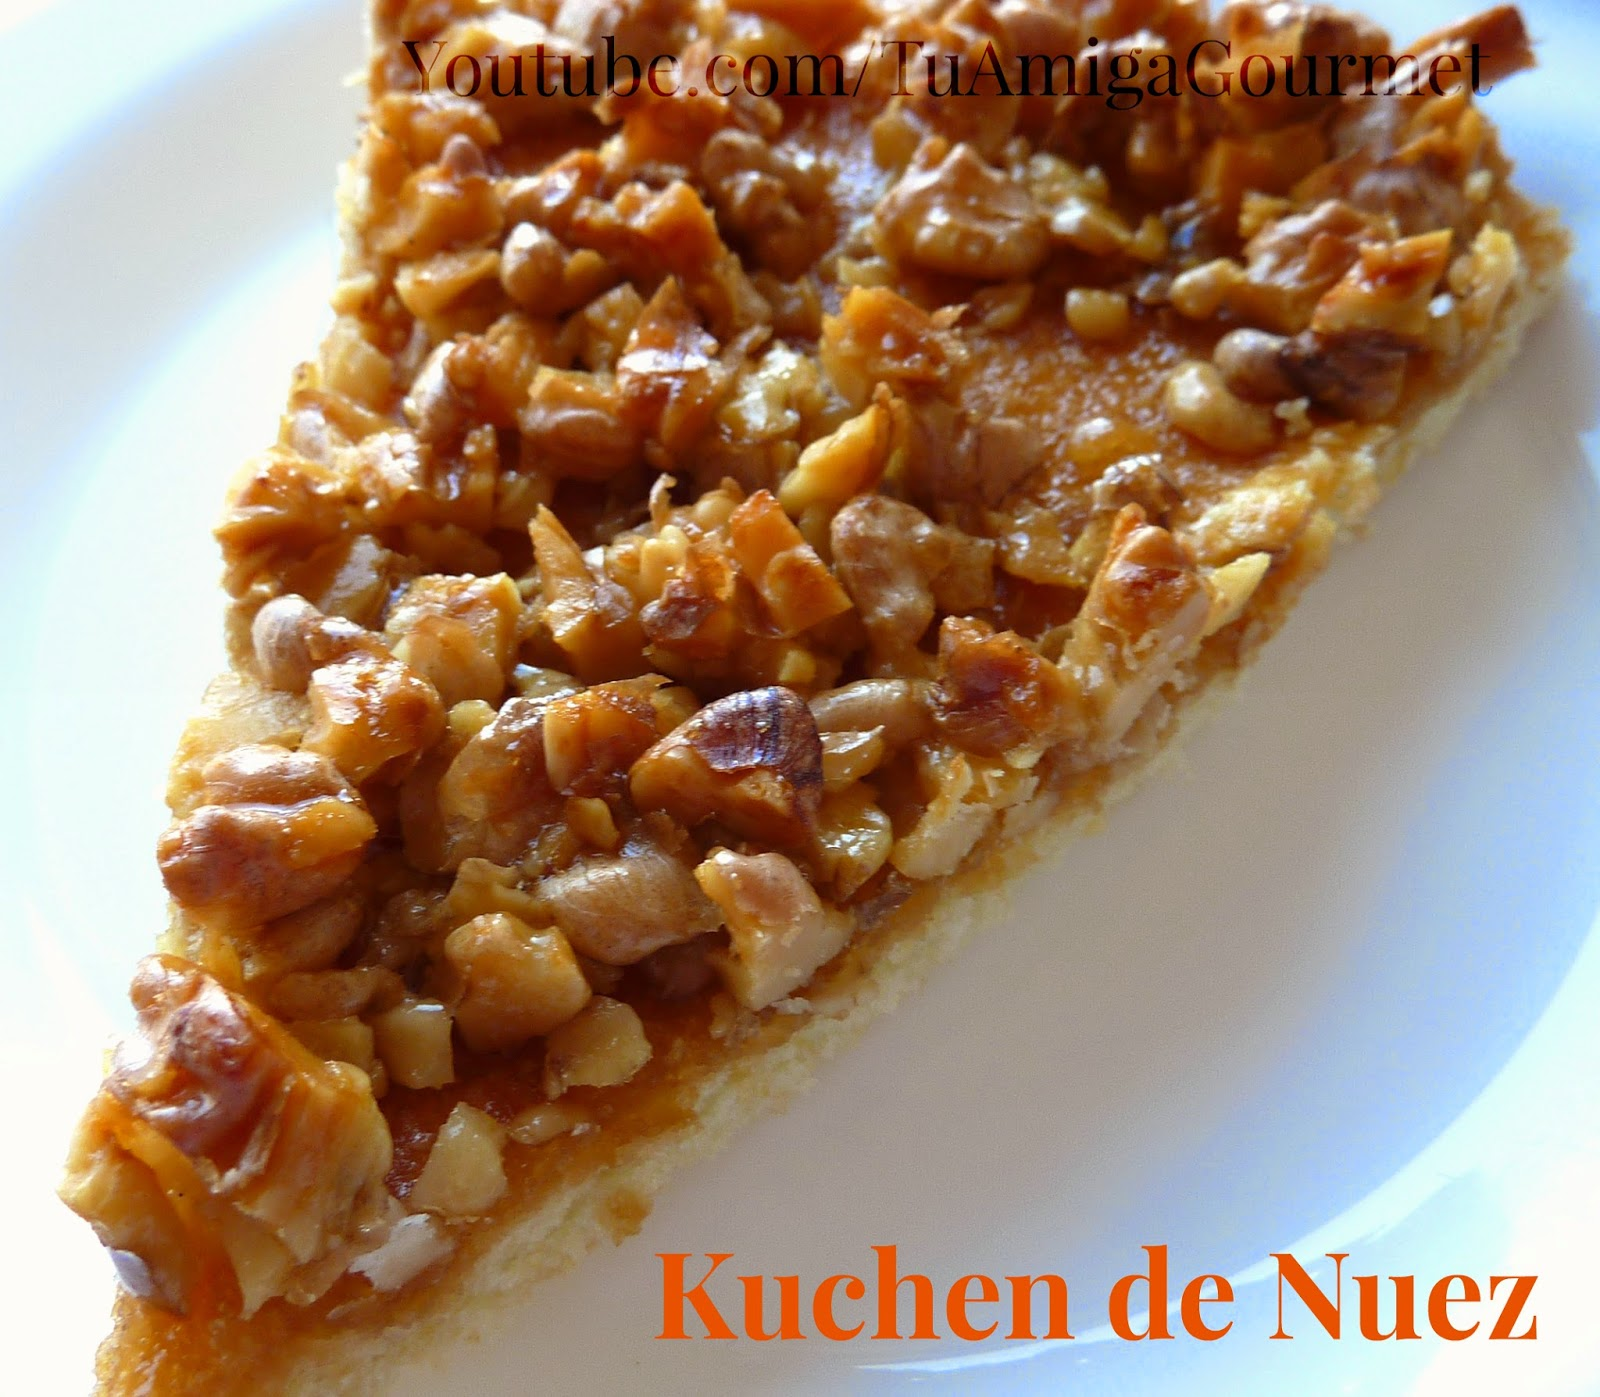 Receta: Kuchen de Nuez o Nueces